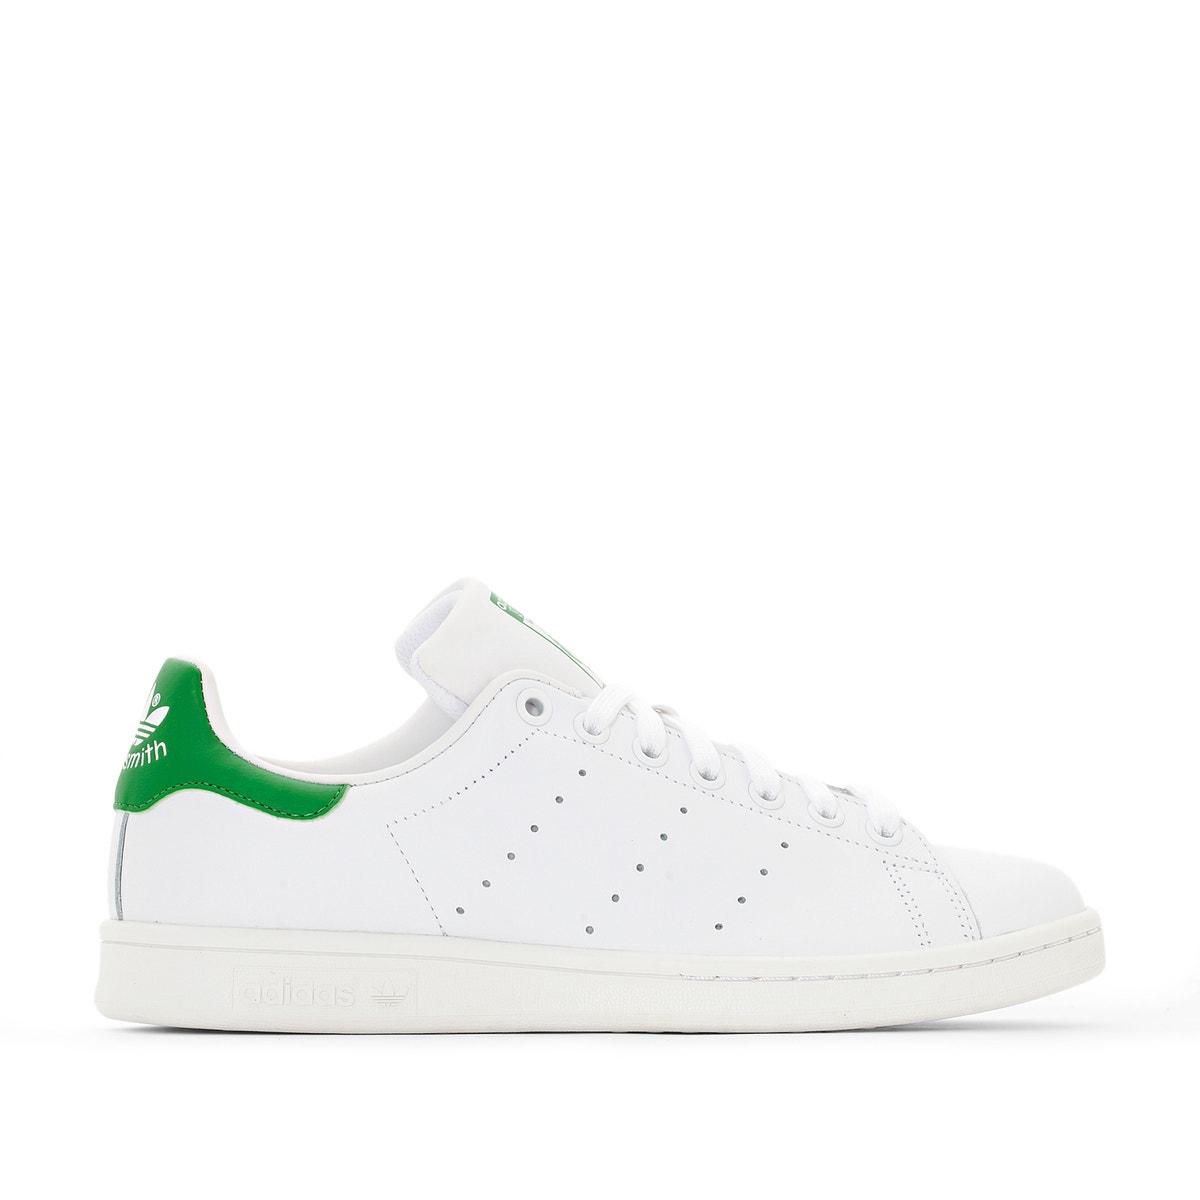 Adidas Originals Stan Smith - Sneakers - ΛΕΥΚΟ/ΠΡΑΣΙΝΟ